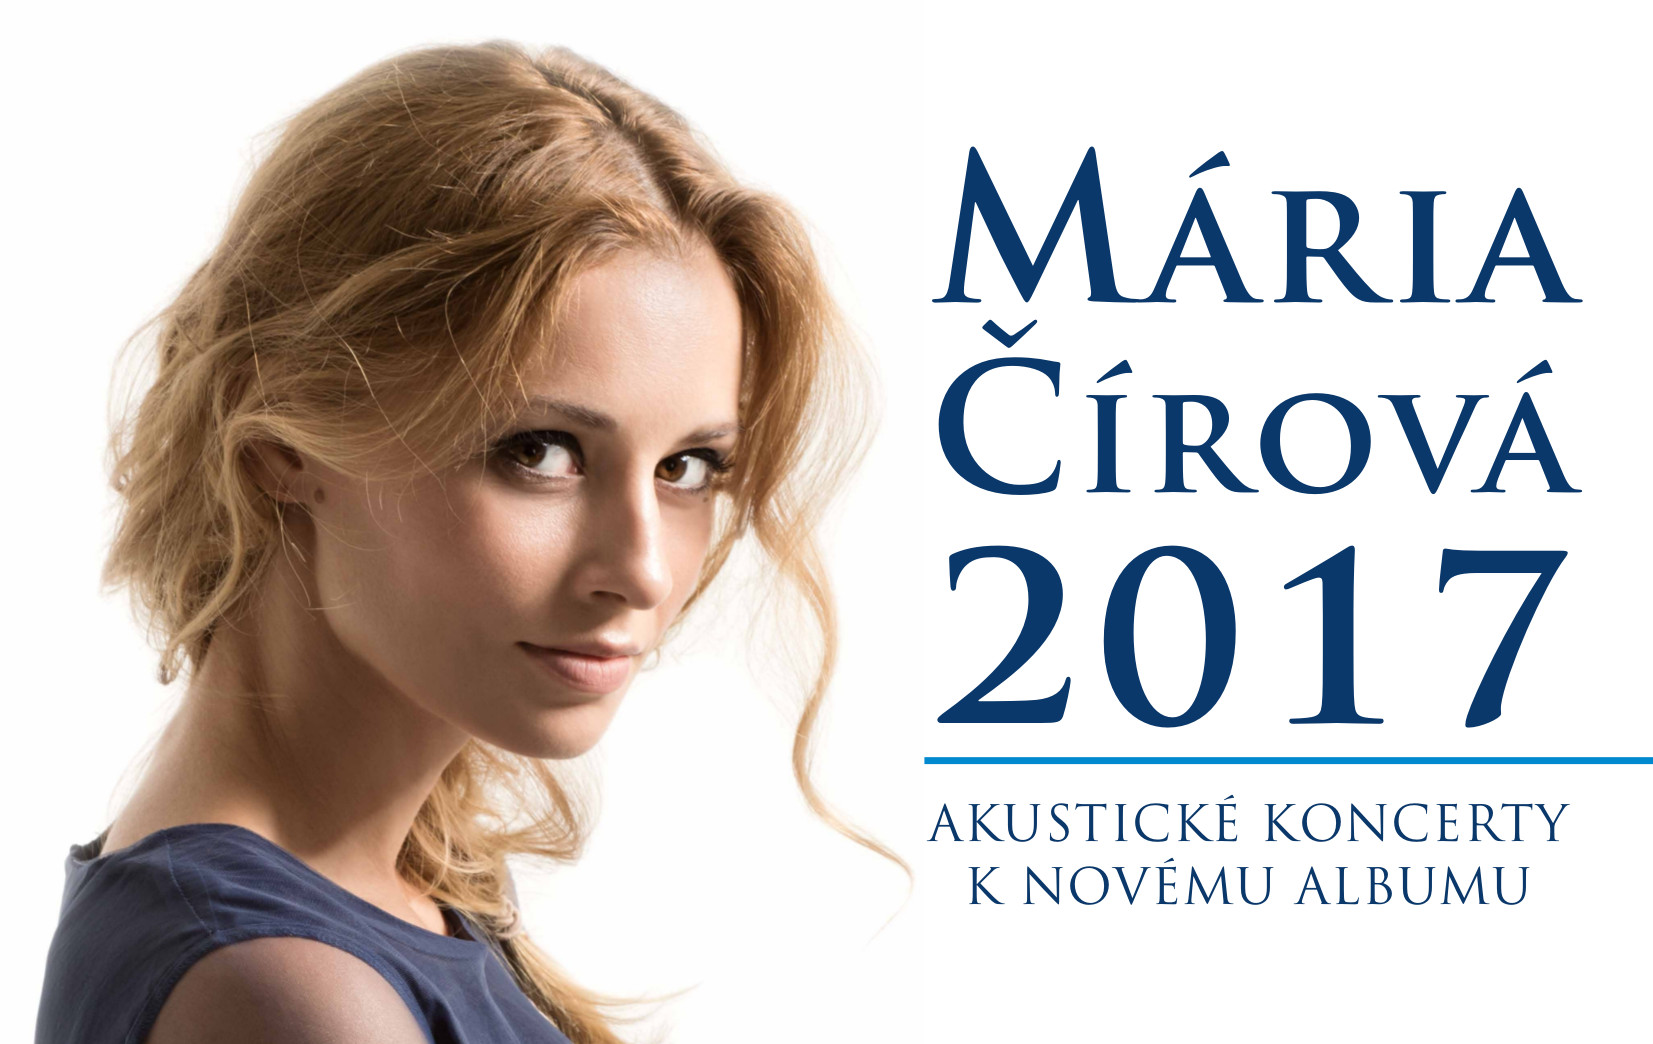 934d9534b6c3 MÁRIA ČÍROVÁ  2017 Akustický koncert k novému albumu v Liptovskom Mikuláši